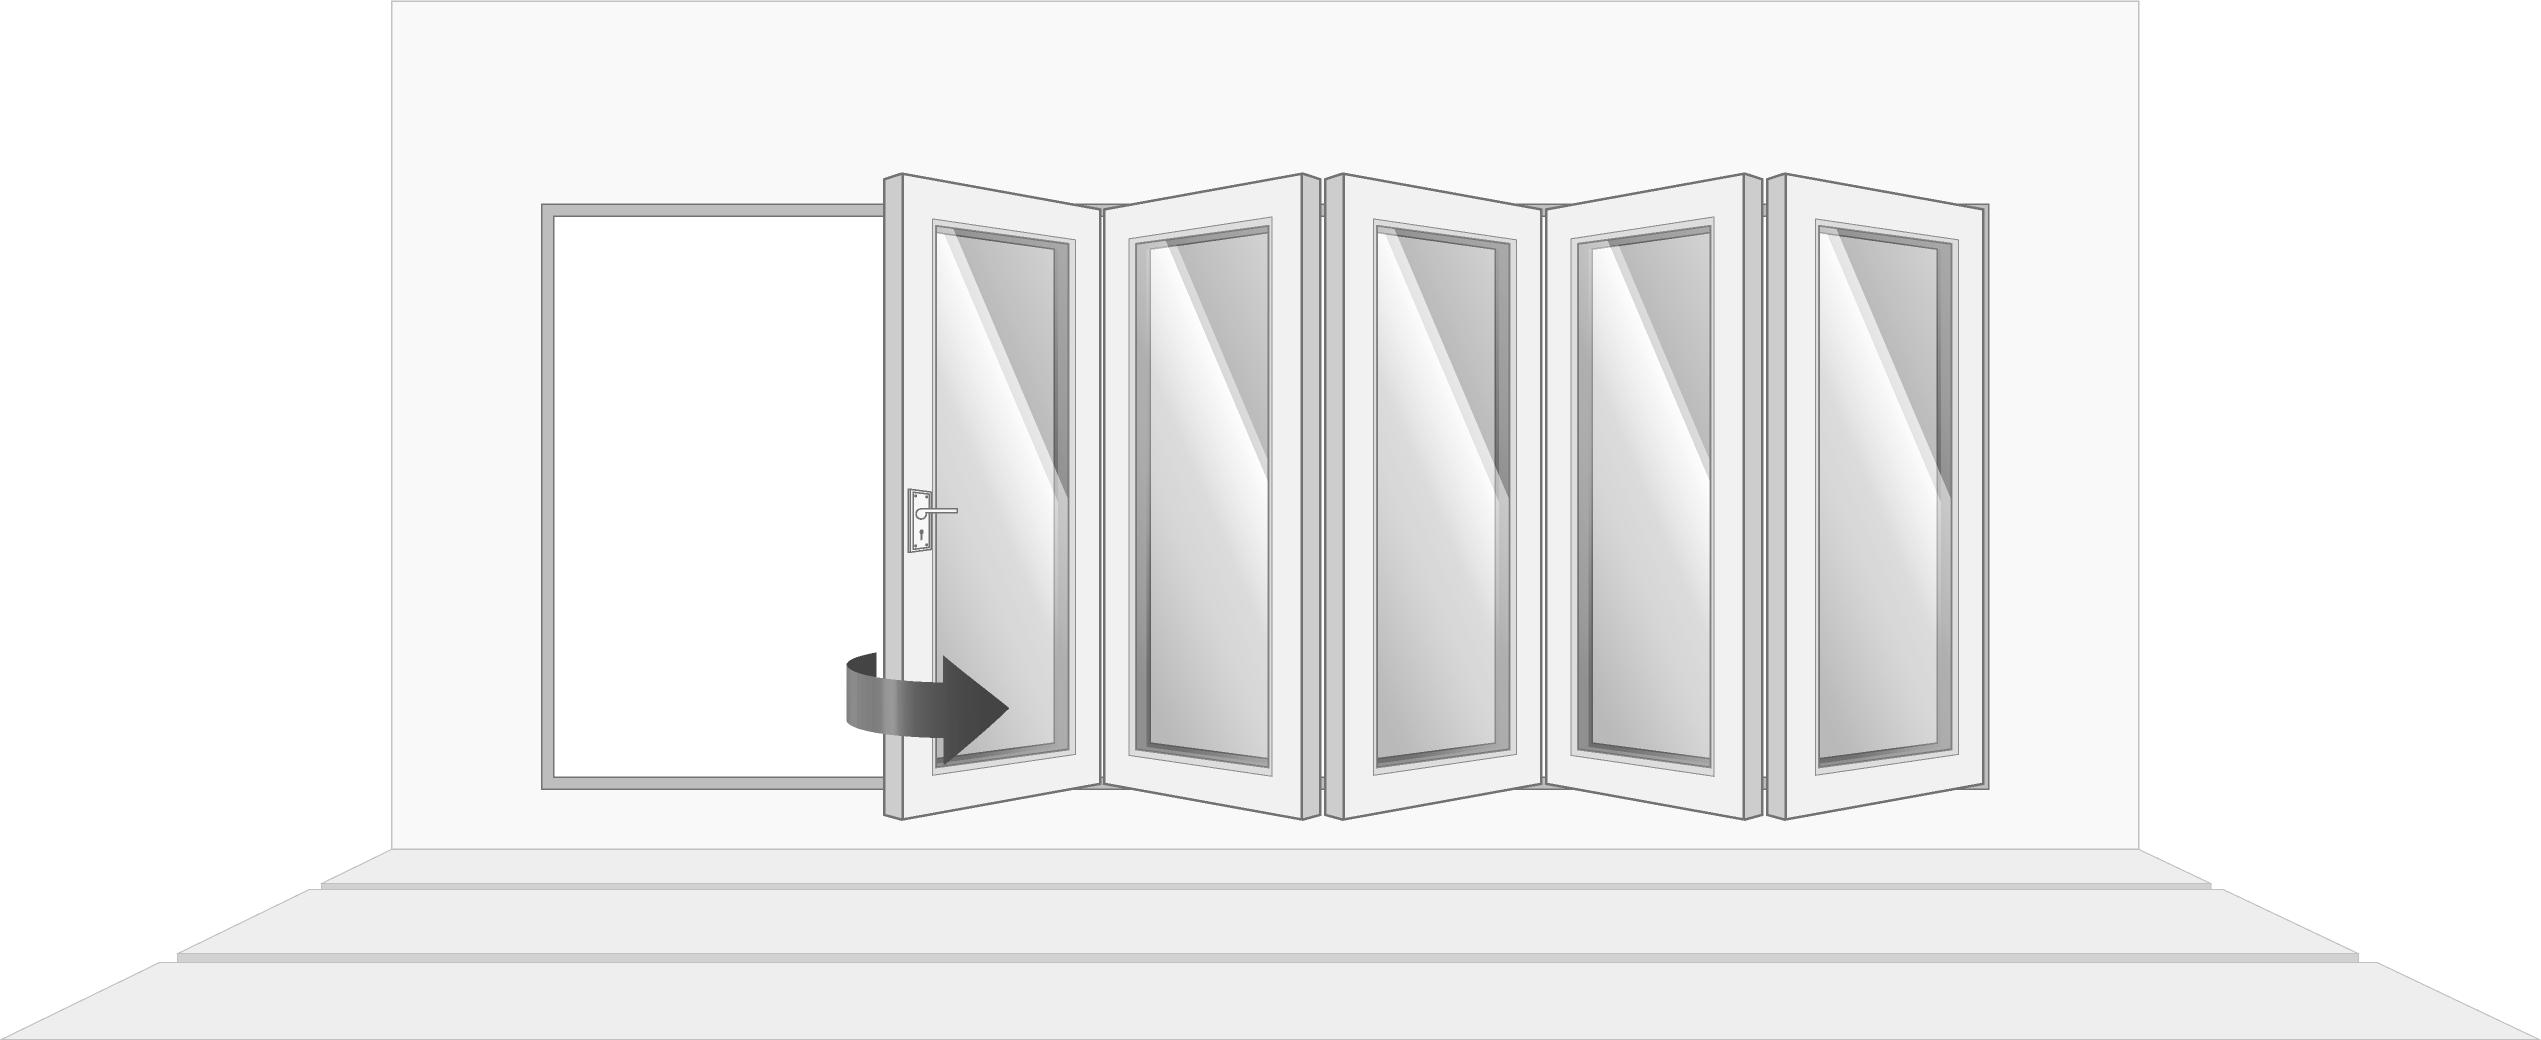 5-door right opening, open